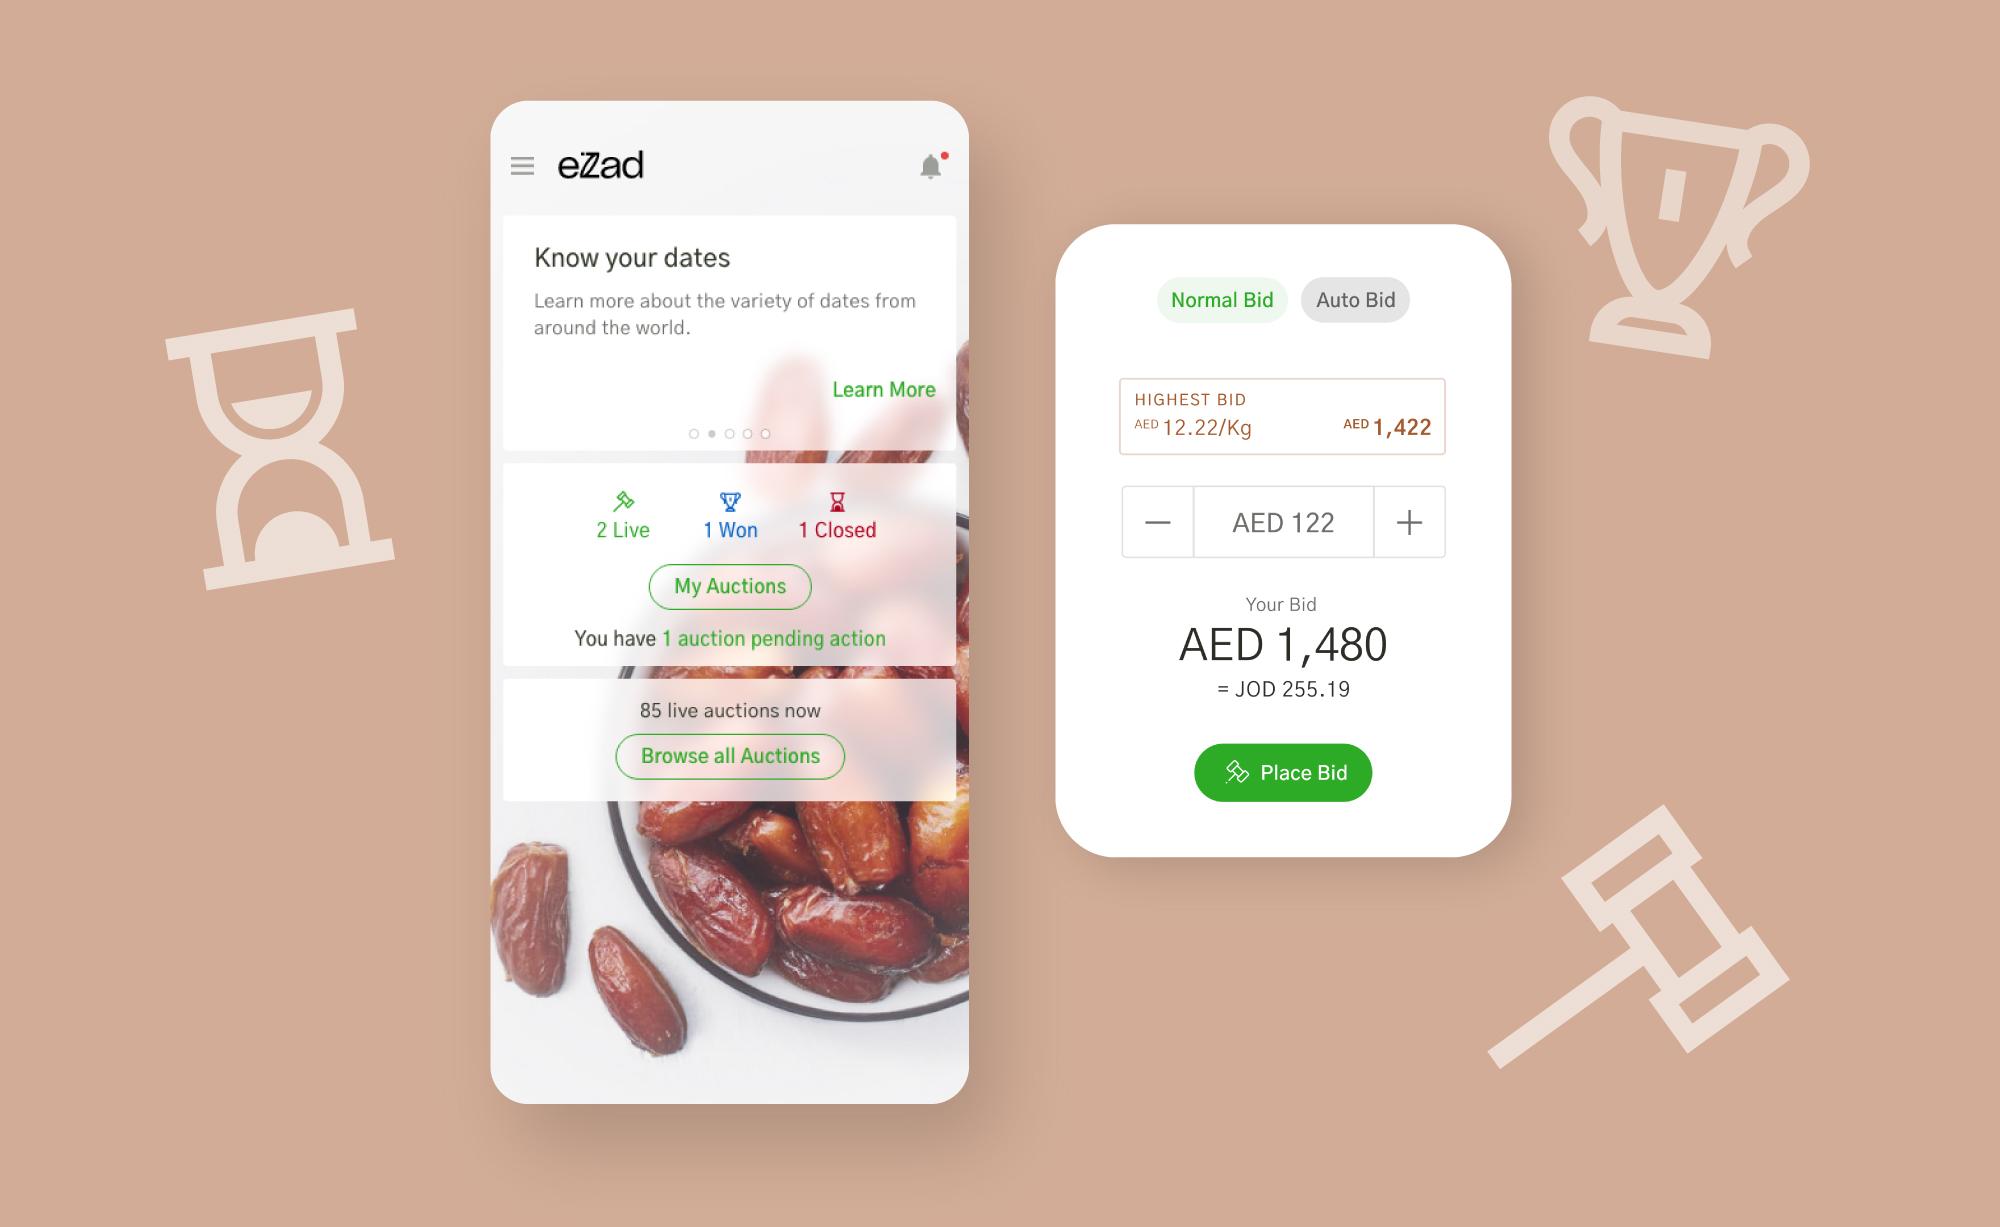 eZad - World's Leading Dates eCommerce Marketplace